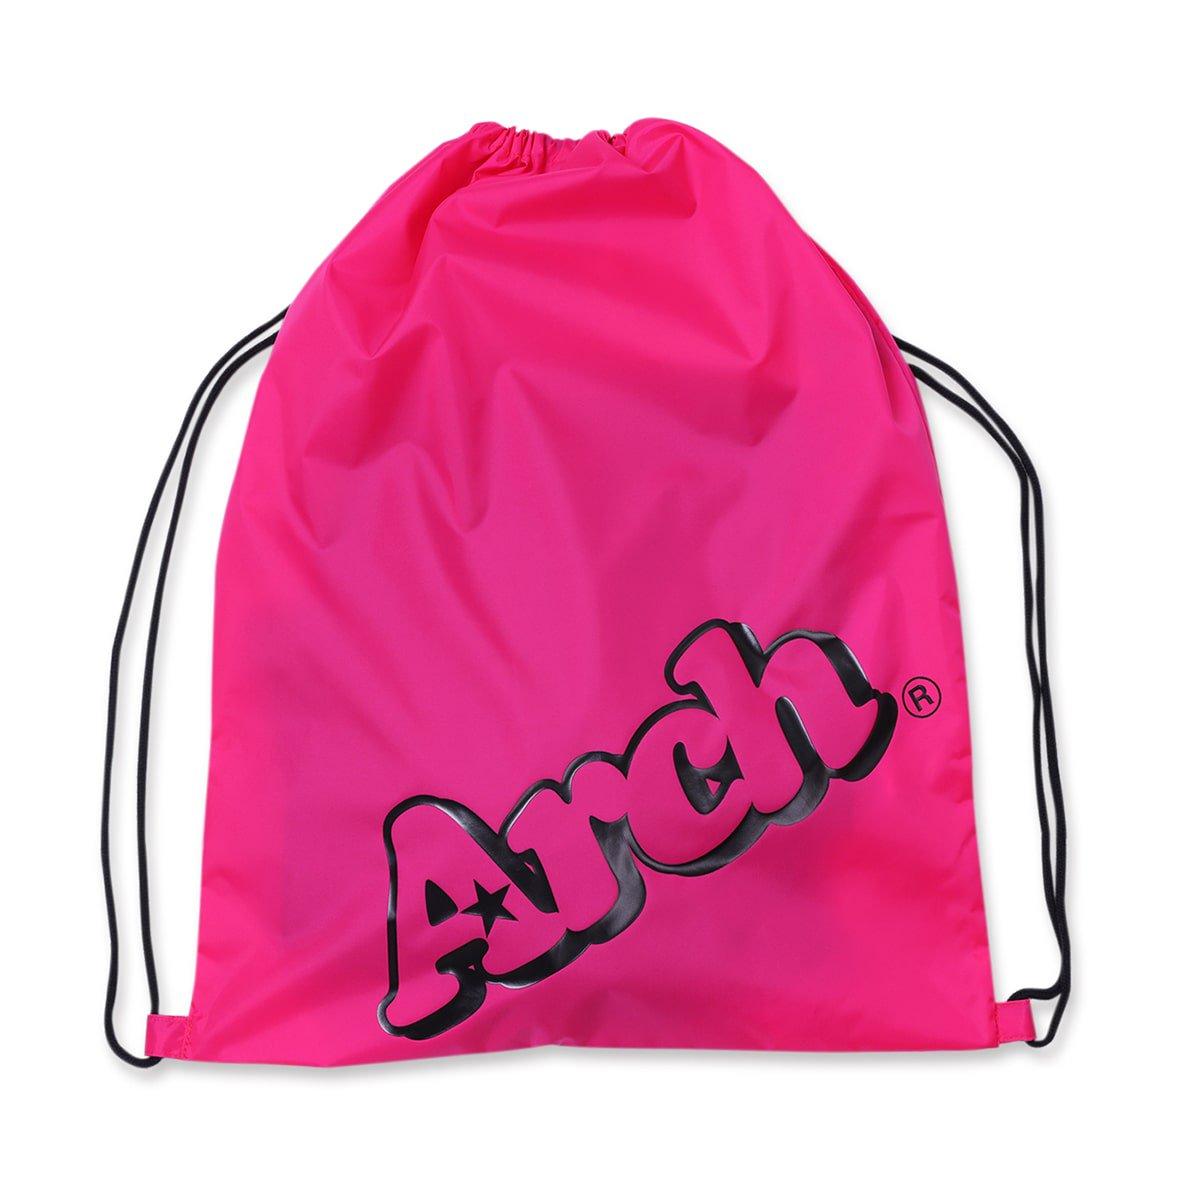 sloping logo gym sack【pink/black】